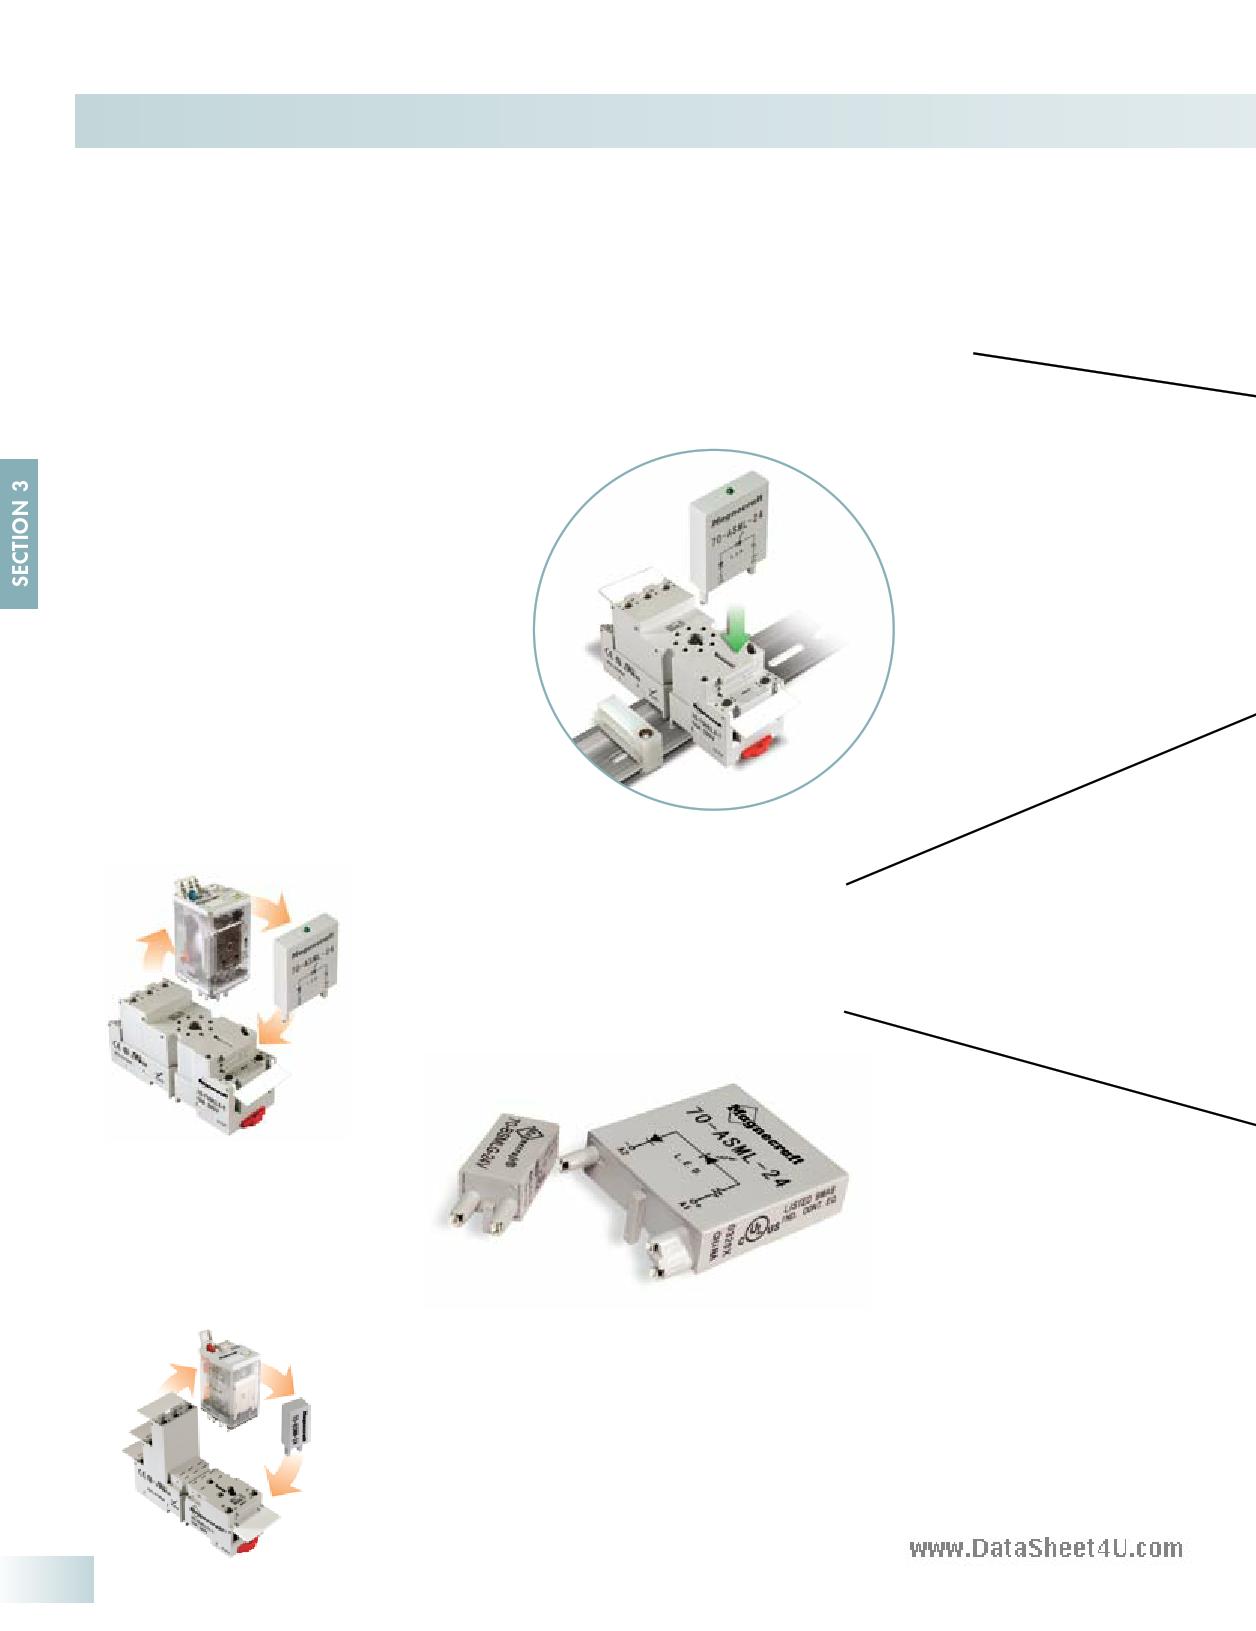 70-782xxxx-1 pdf, schematic